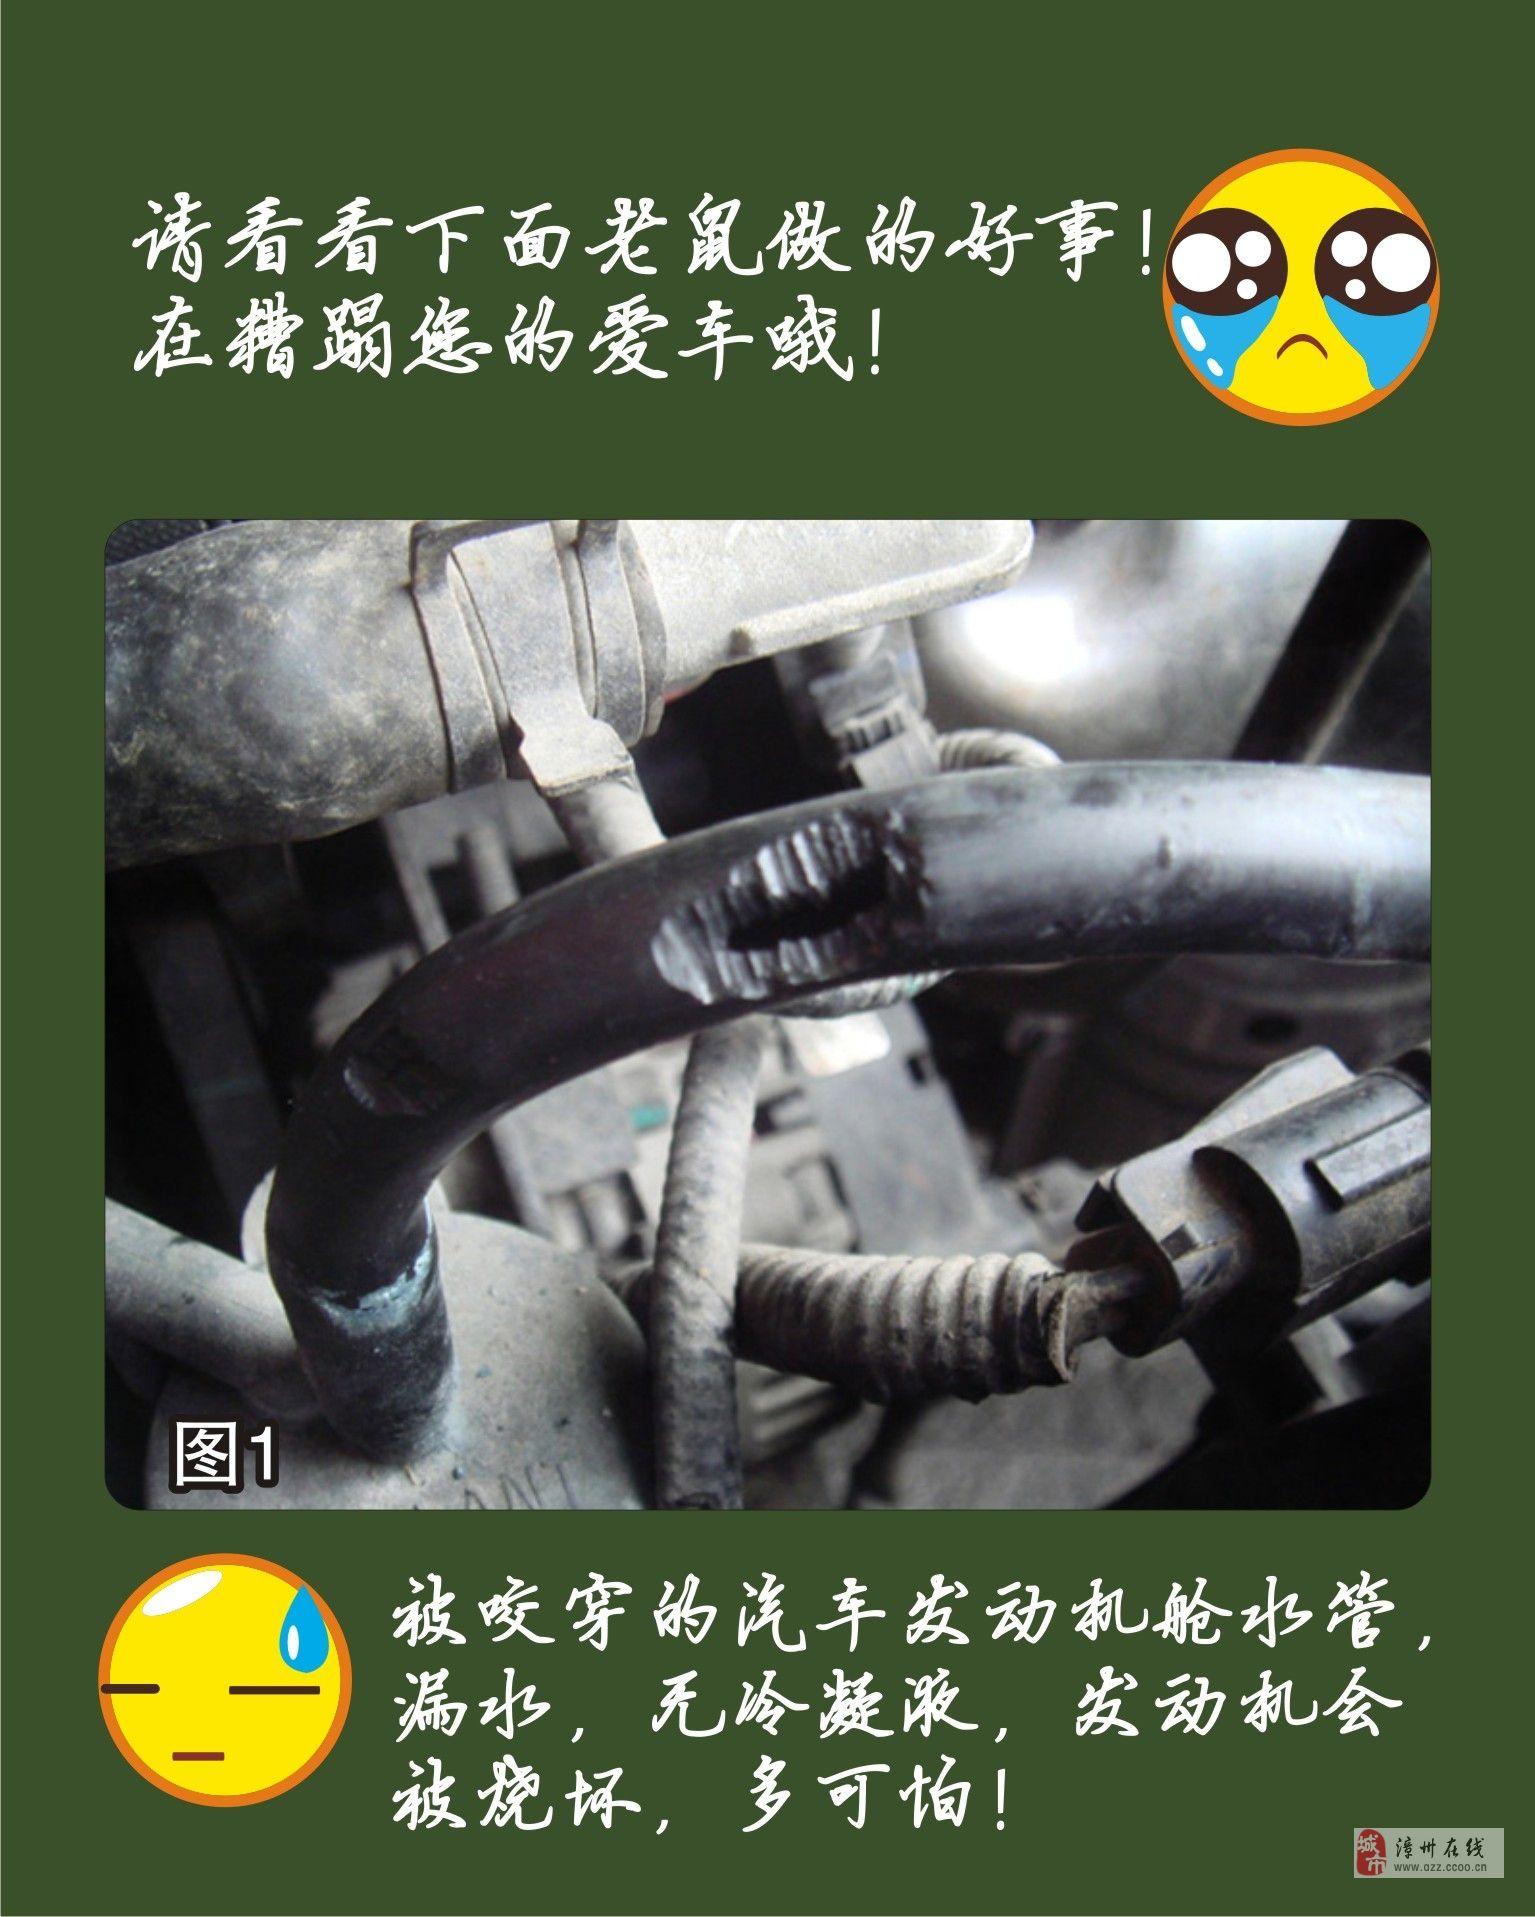 [贴图][公告]老鼠恋上车 吃喝拉撒带磨牙